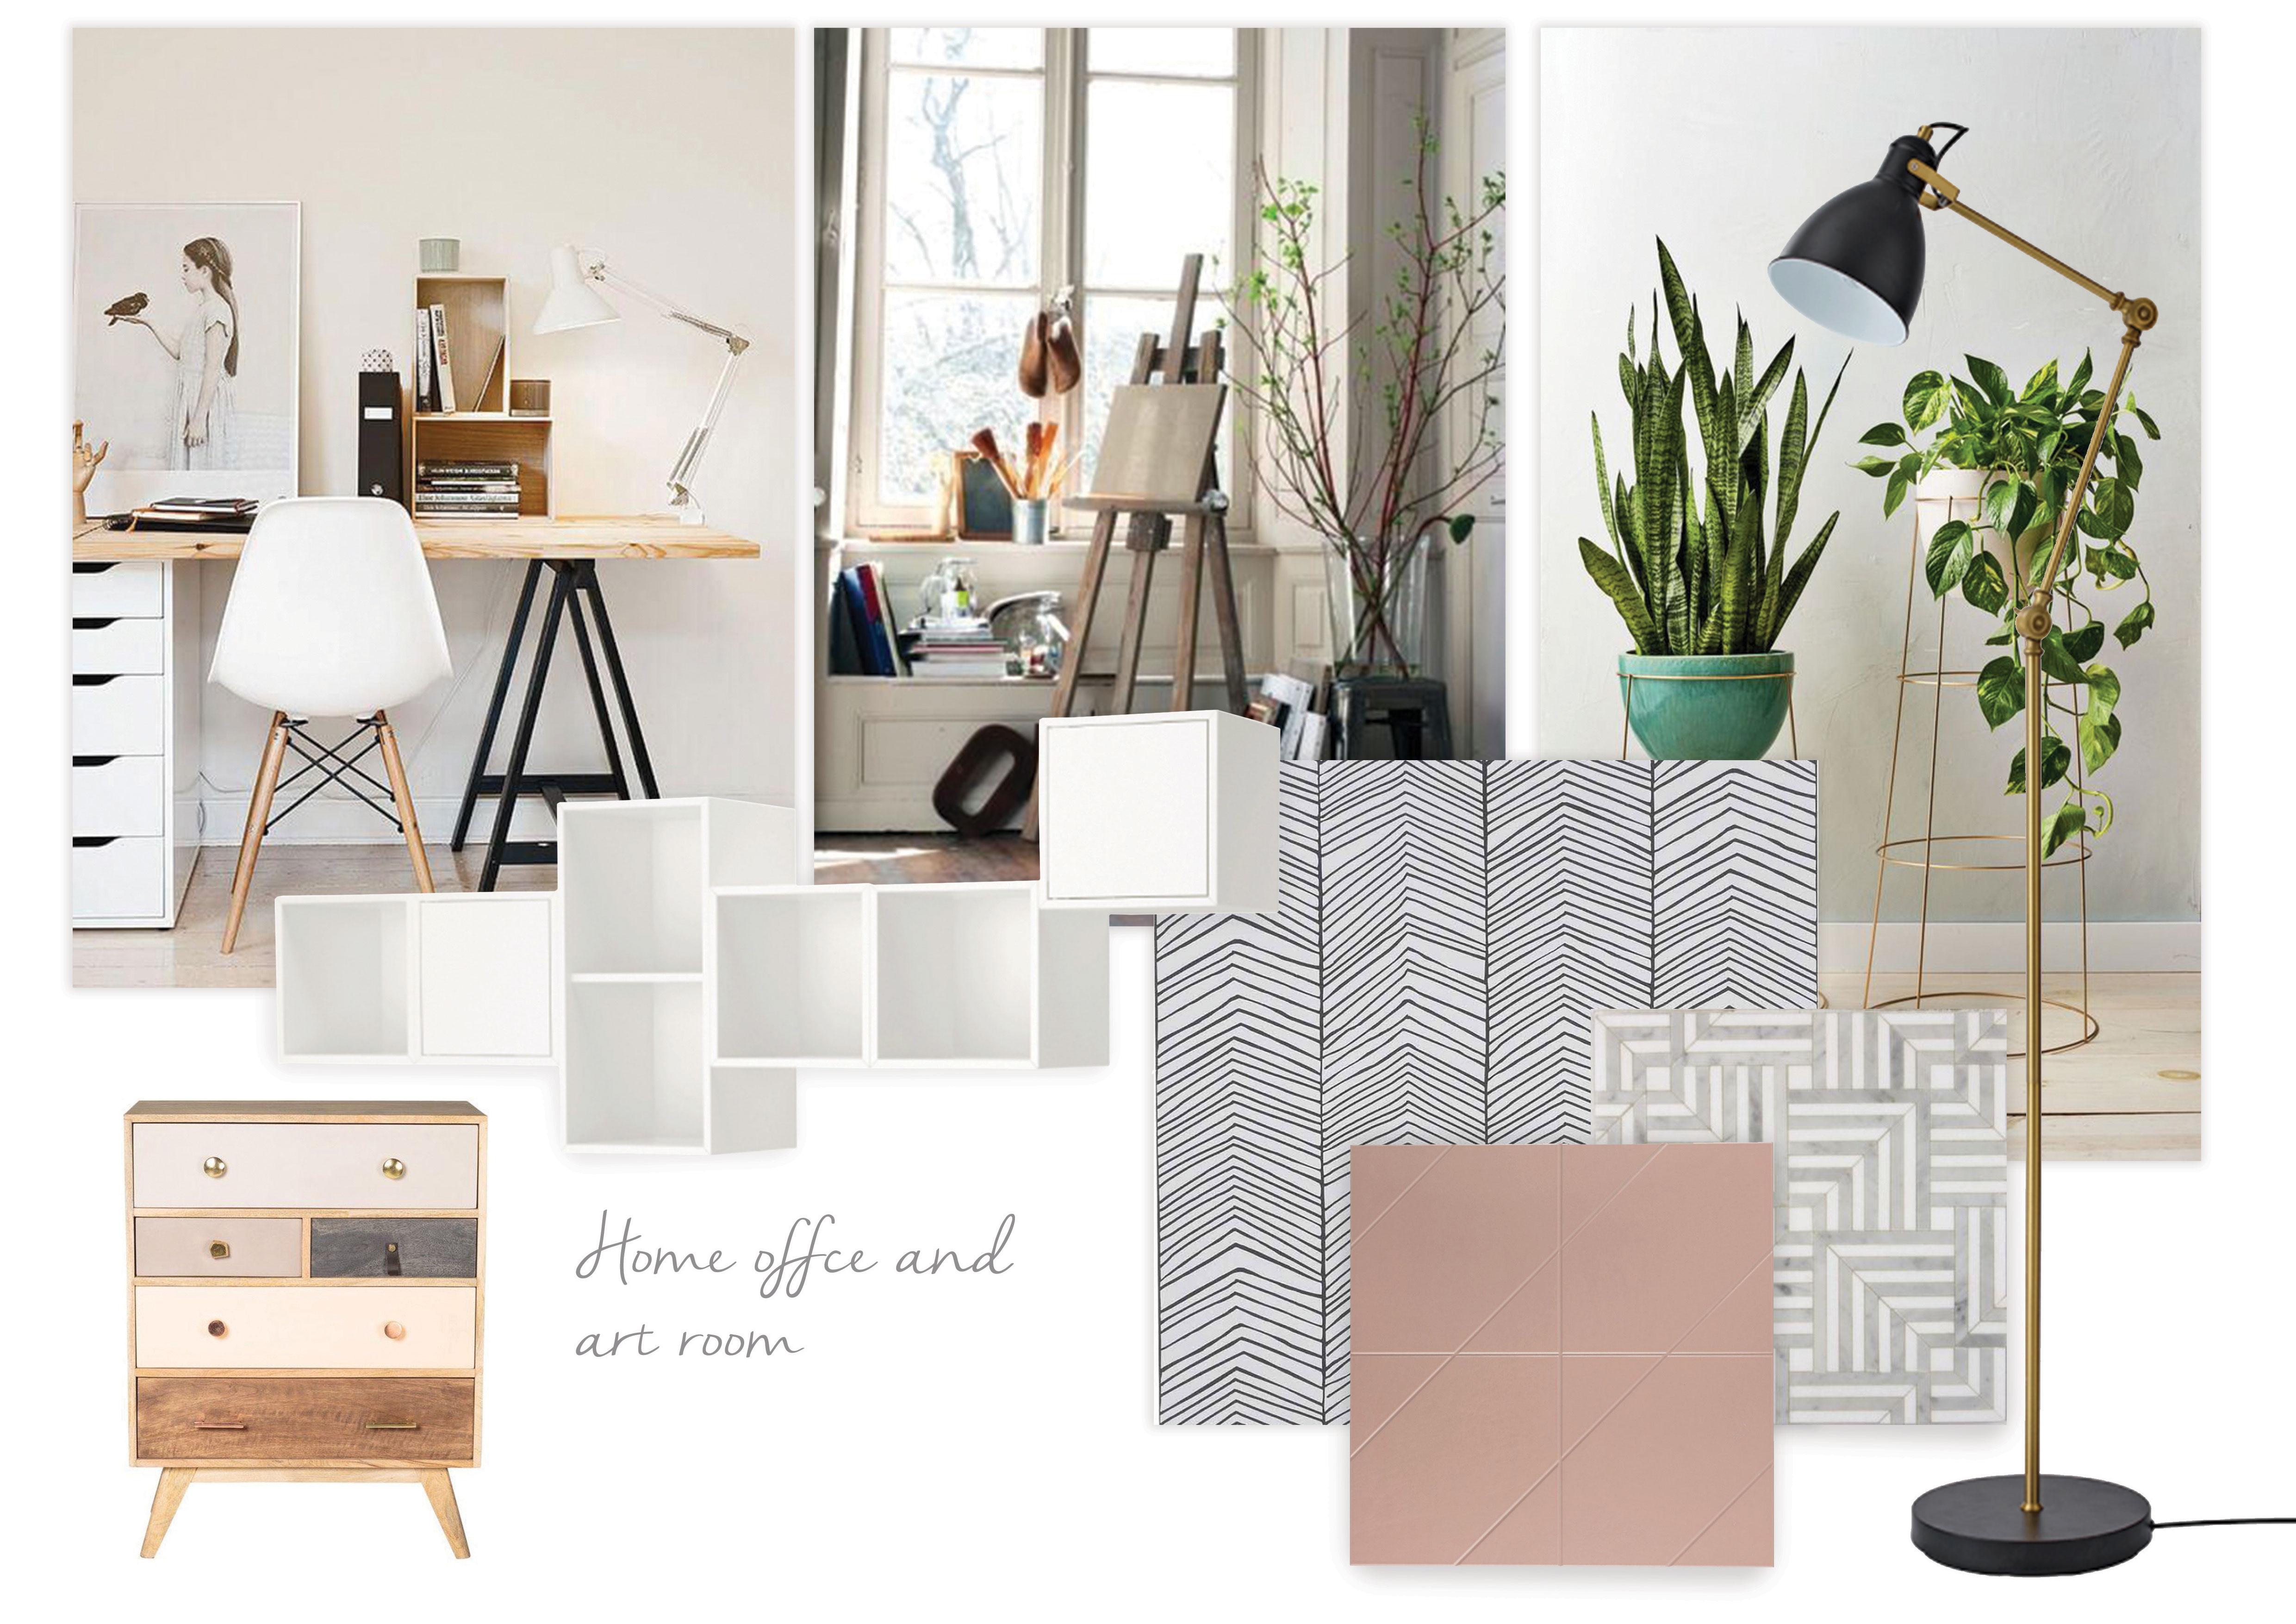 Deluxe Room Online Design Package - Victoria Hopkins Interiors